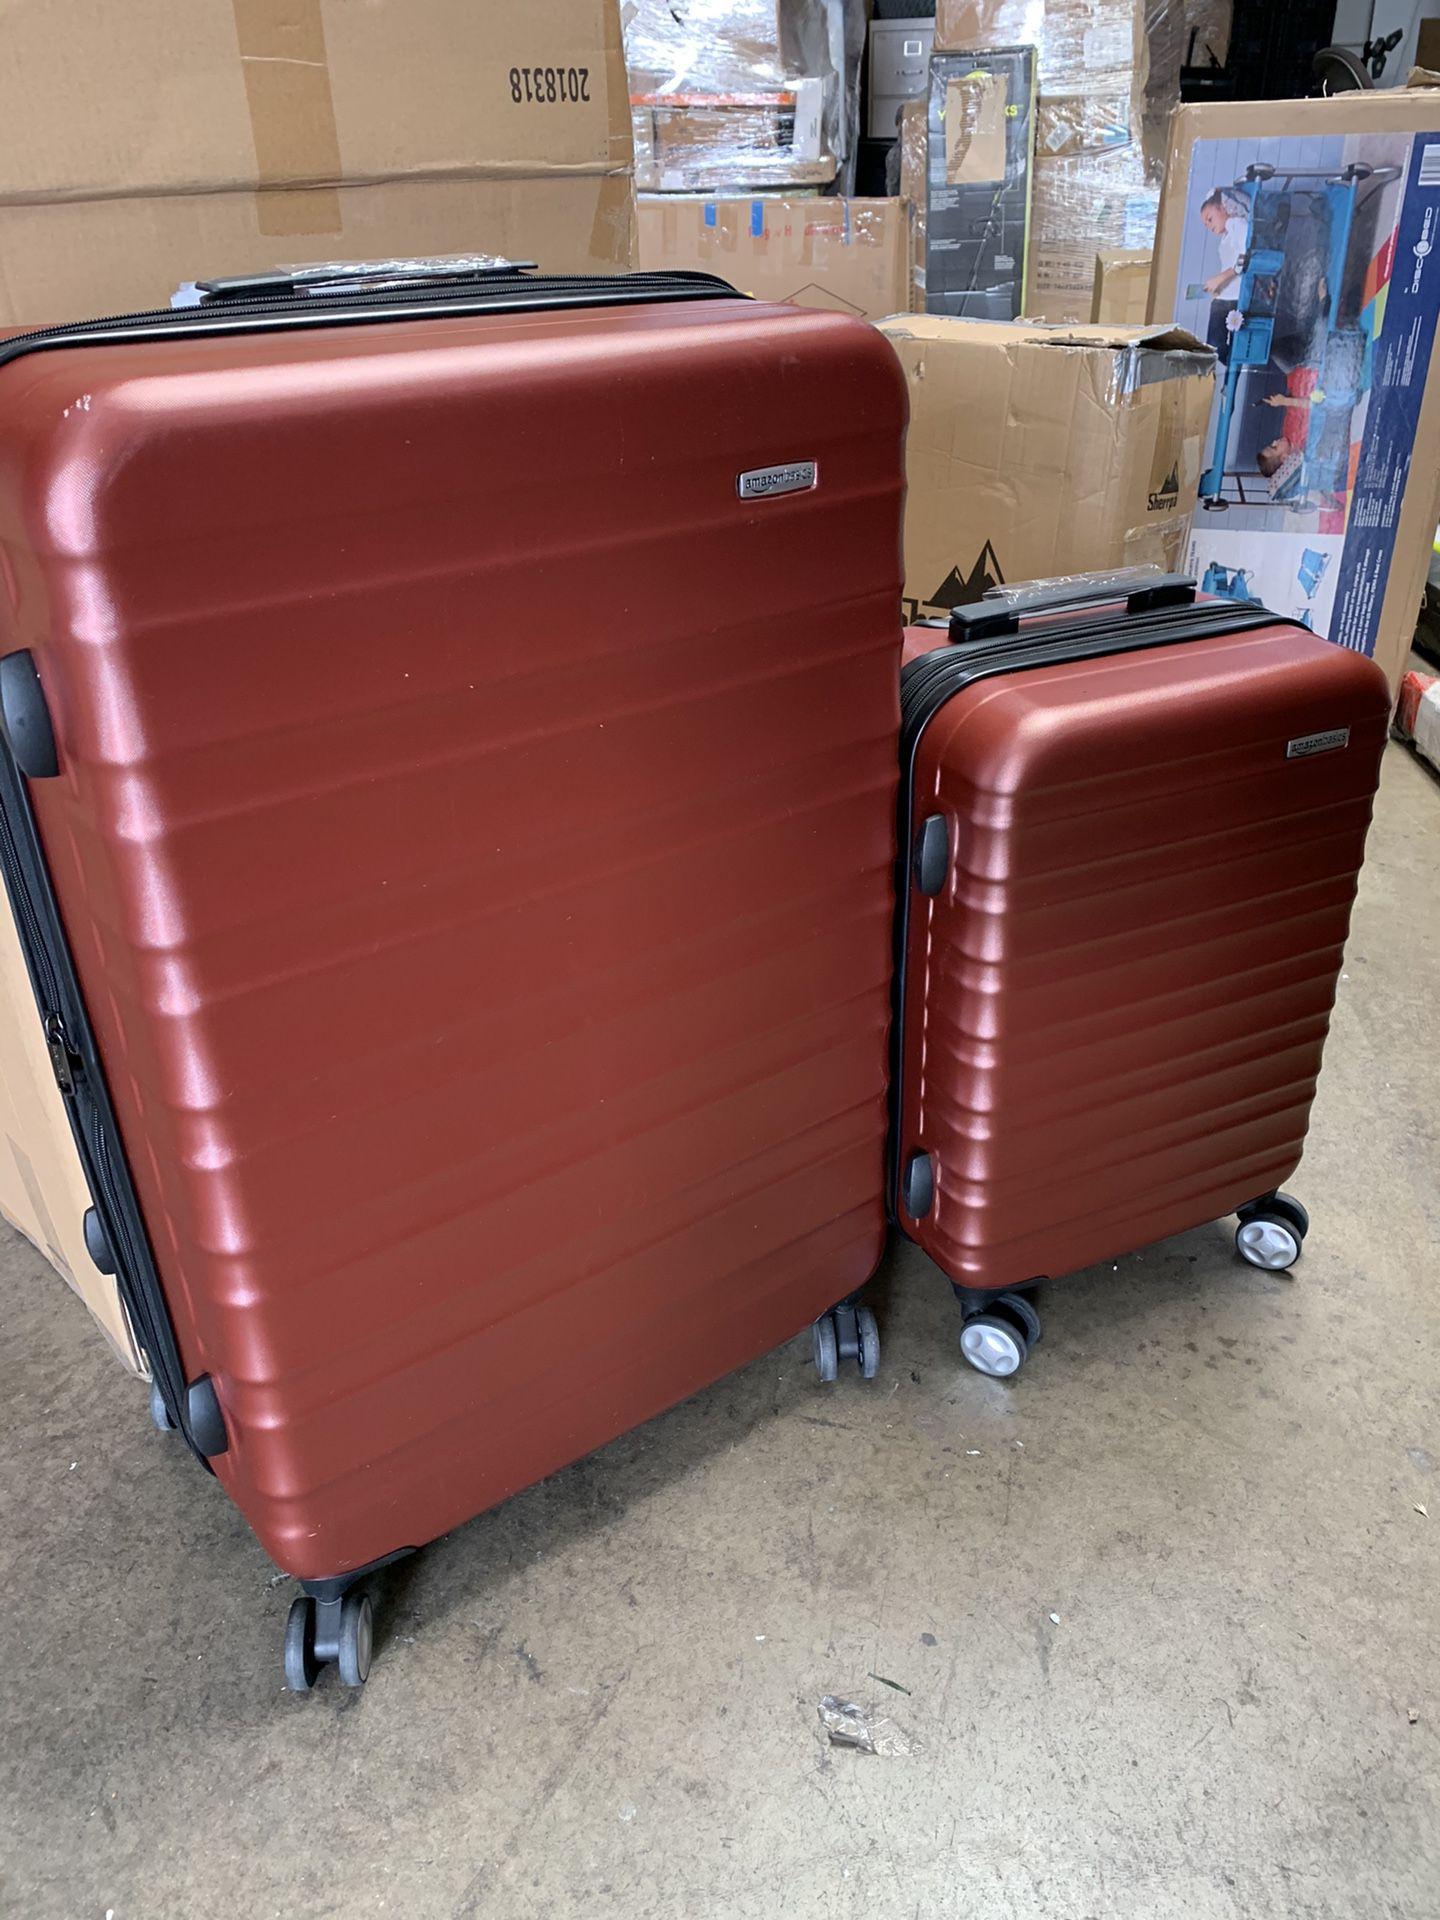 Amazon basics premium hardside 2 piece luggage